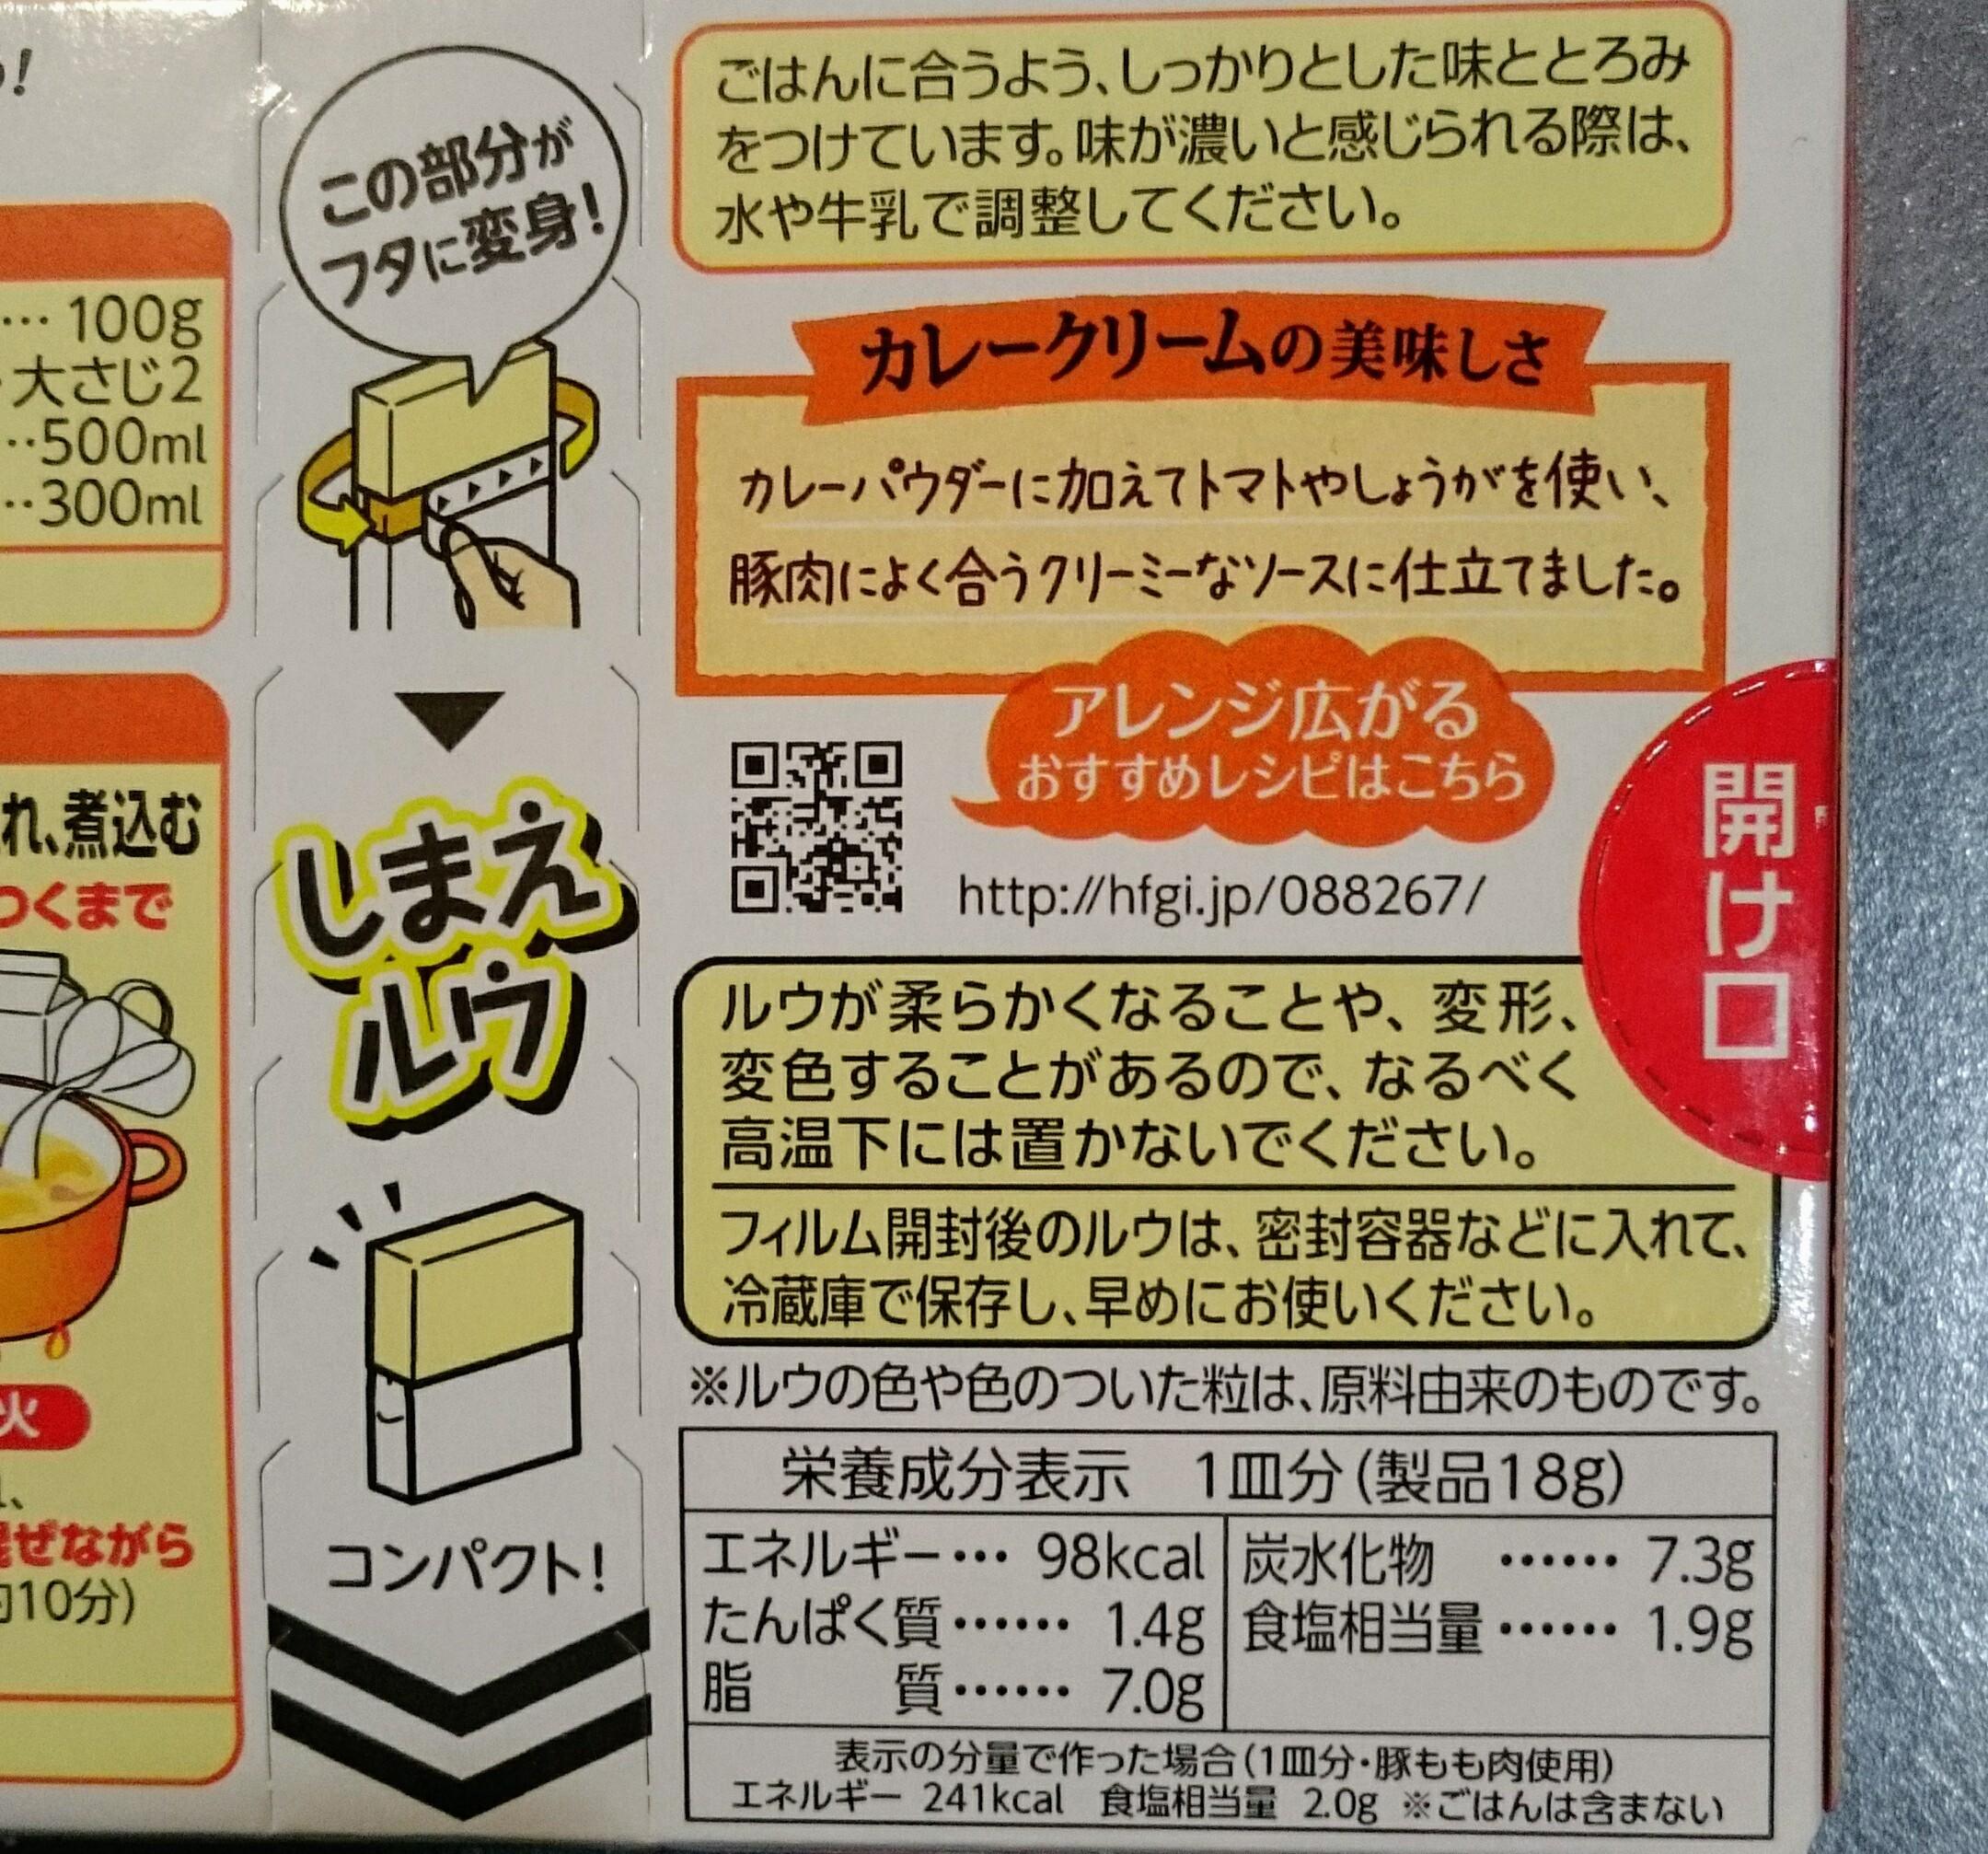 カレークリームソース原料